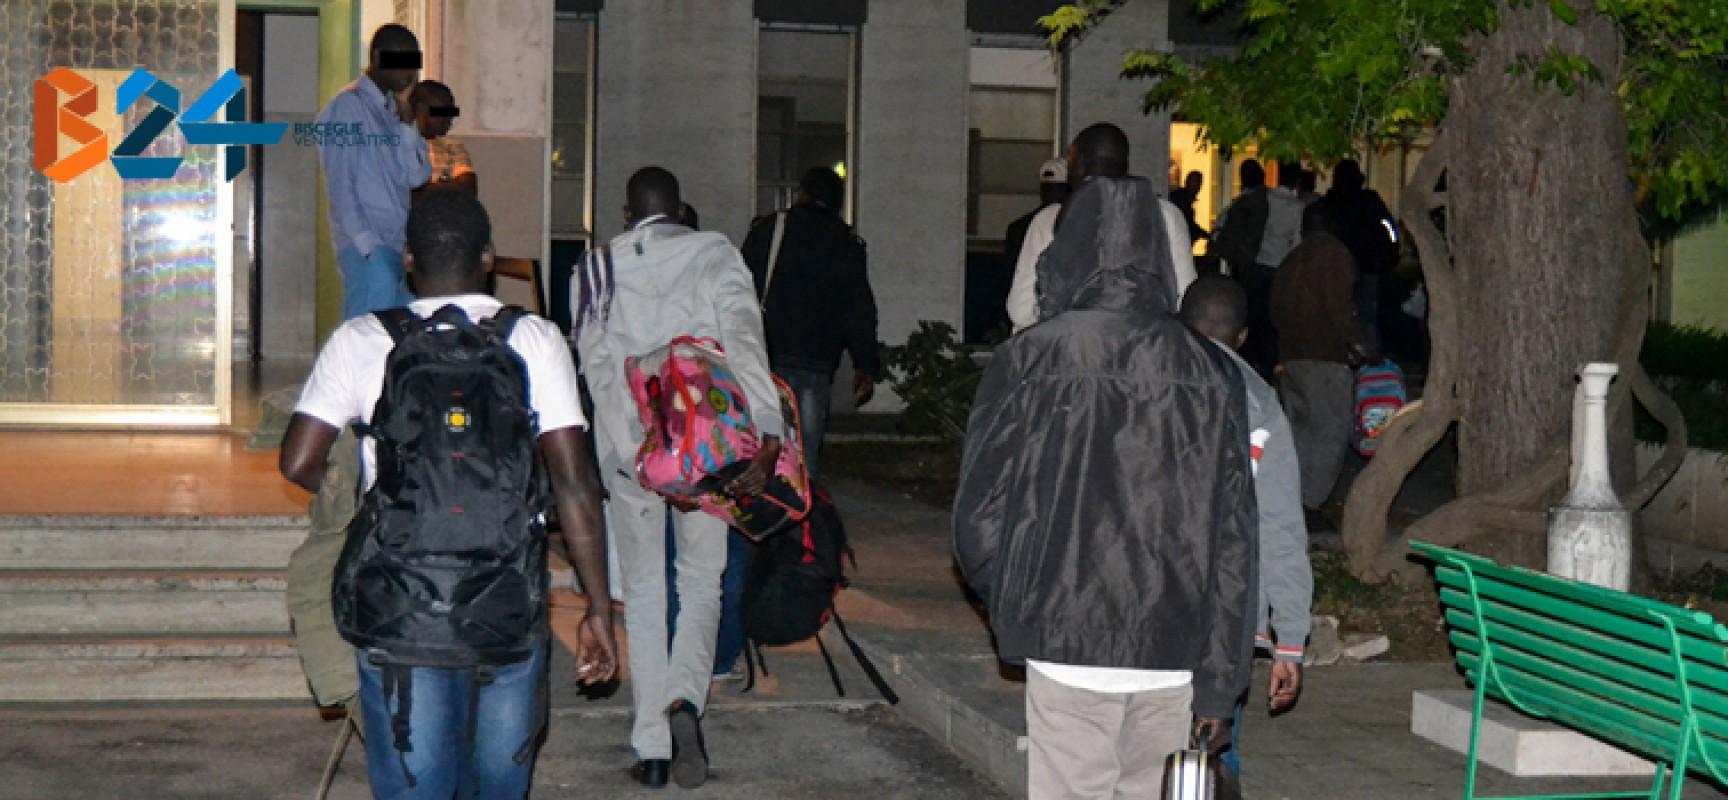 Altri 23 profughi condotti a Villa San Giuseppe, quarto arrivo negli ultimi 40 giorni